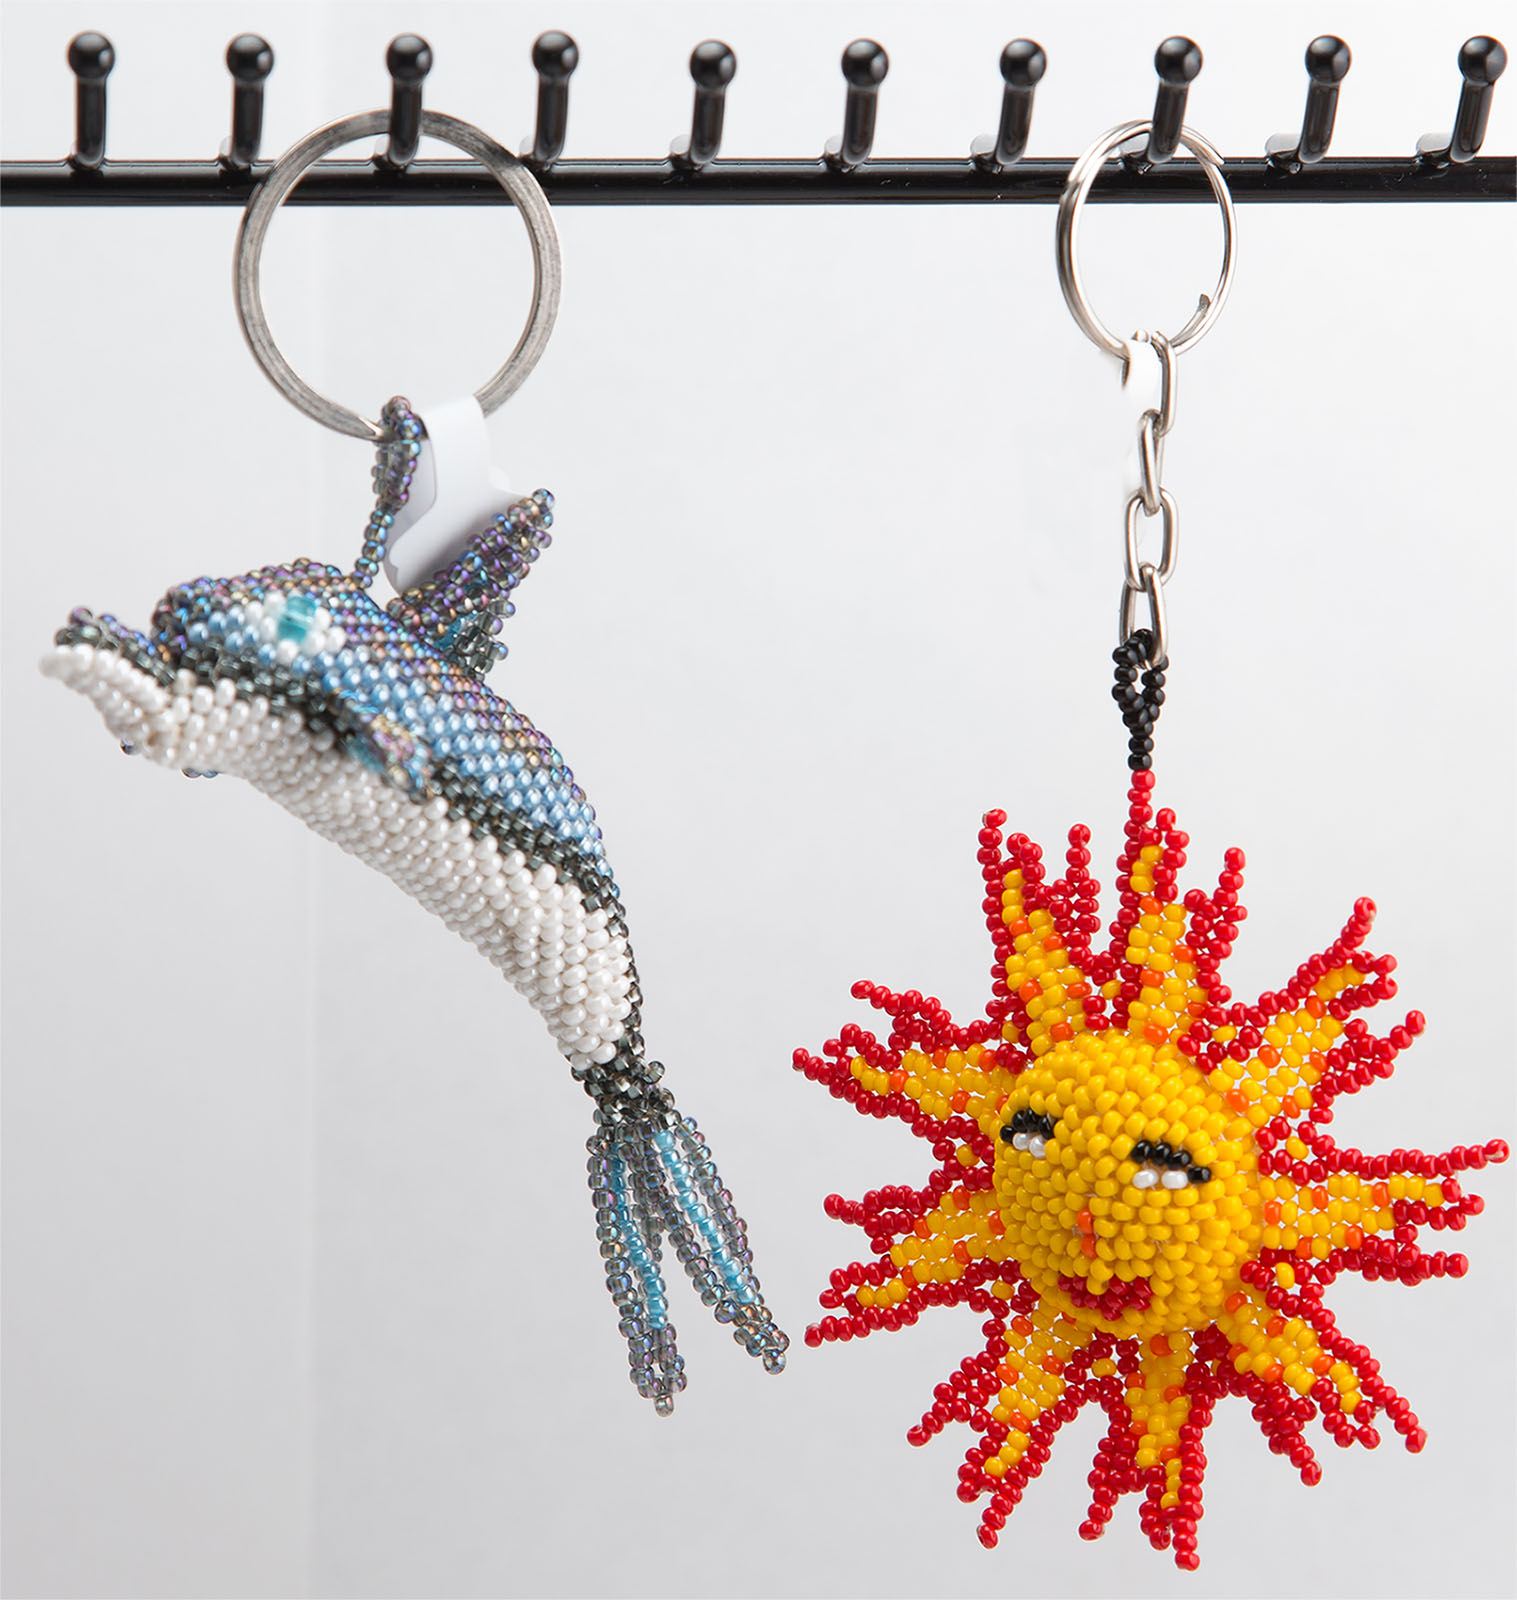 Dolphin or sunburst keychain  $10.00 each